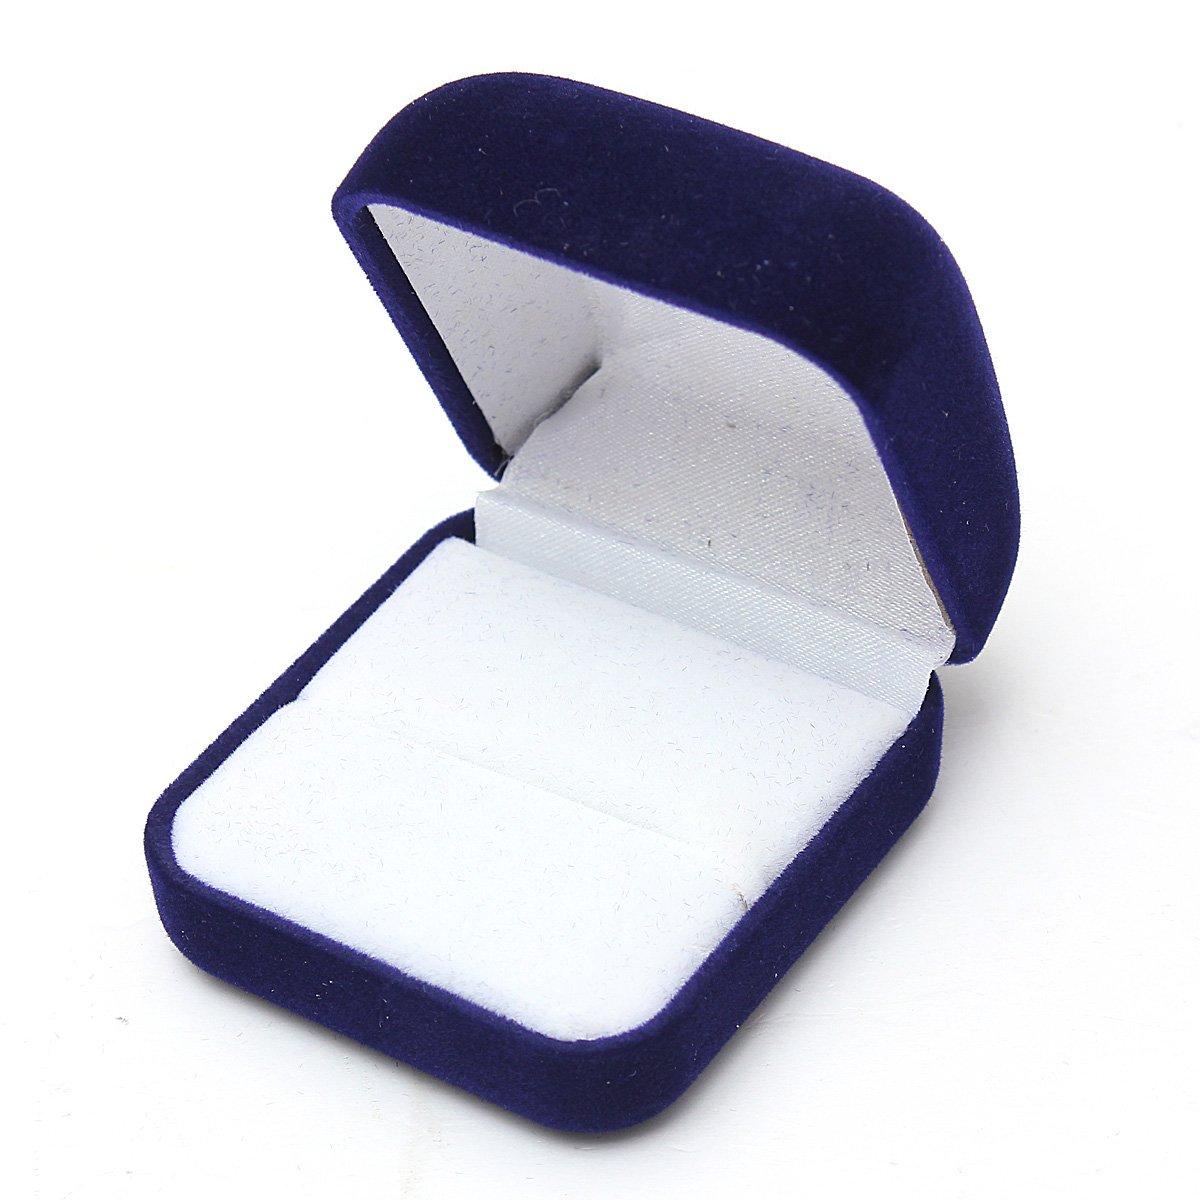 magasins populaires fréquent en gros 1 Ecrin Boîte Présentoir Cadeau Bagues Boucles D'oreilles Bijoux Velours  Display Bleu